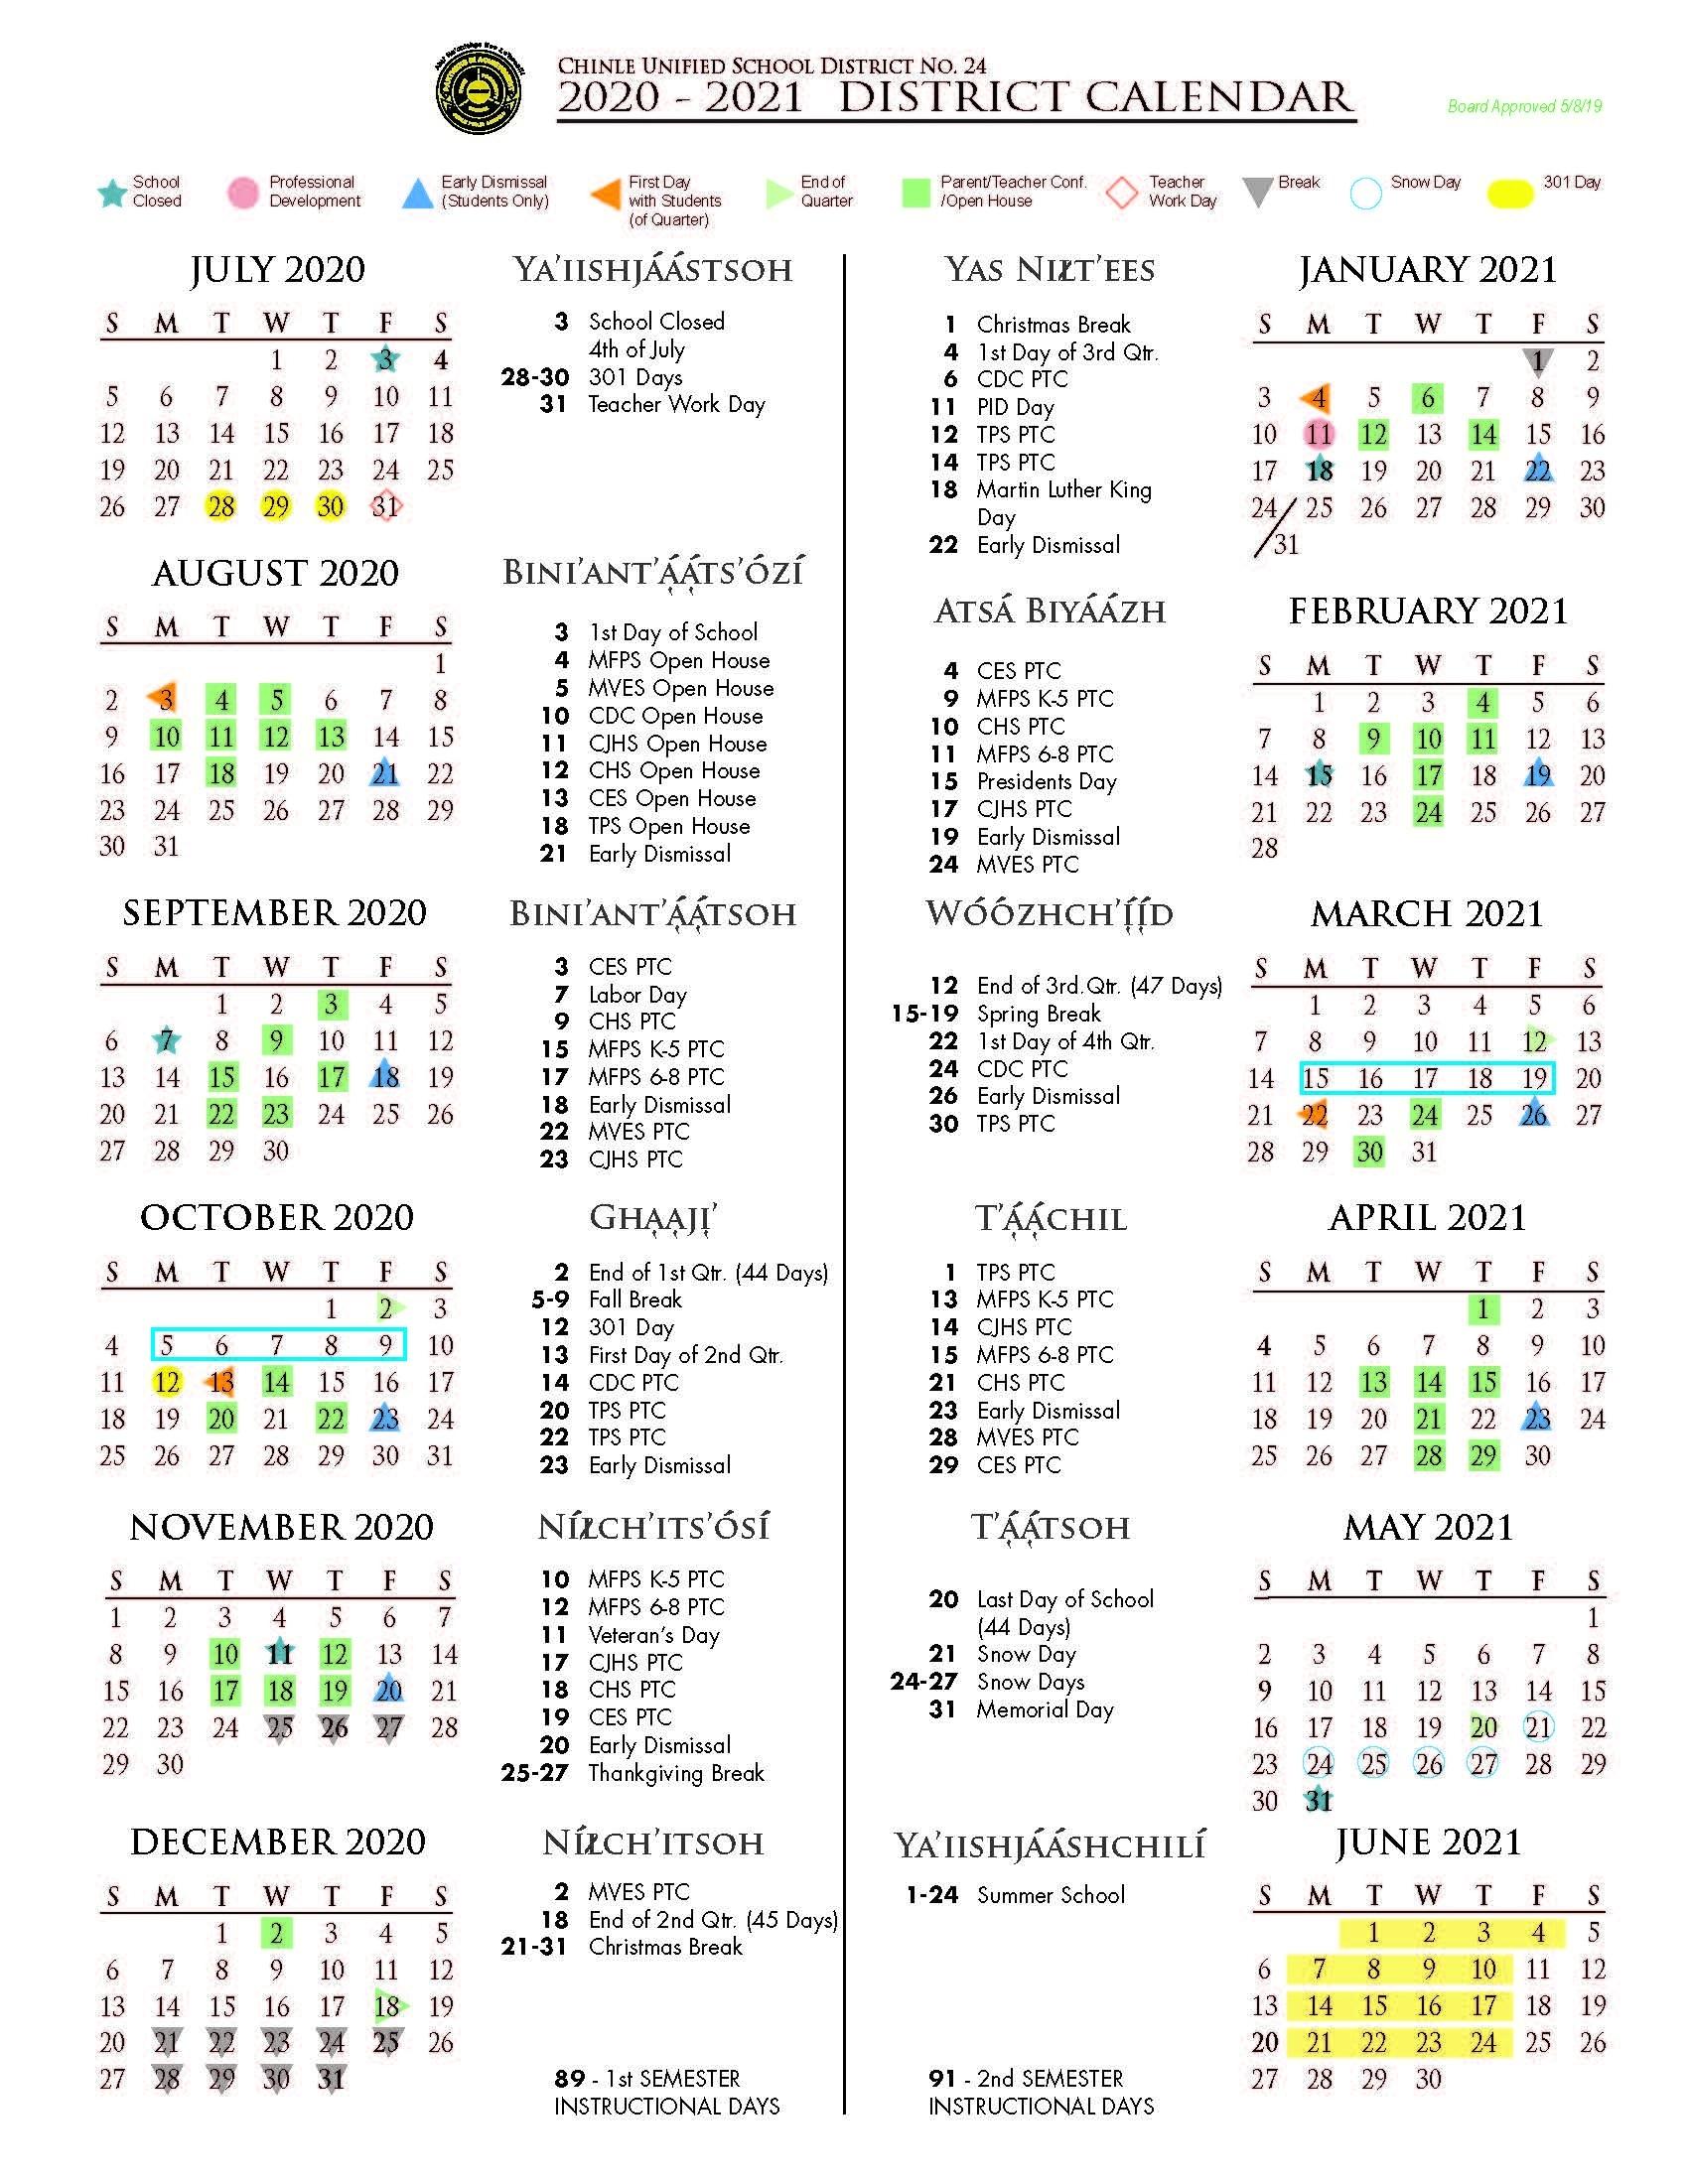 Cusd Calendars 2019-2021 |_Cusd 4 School Calendar